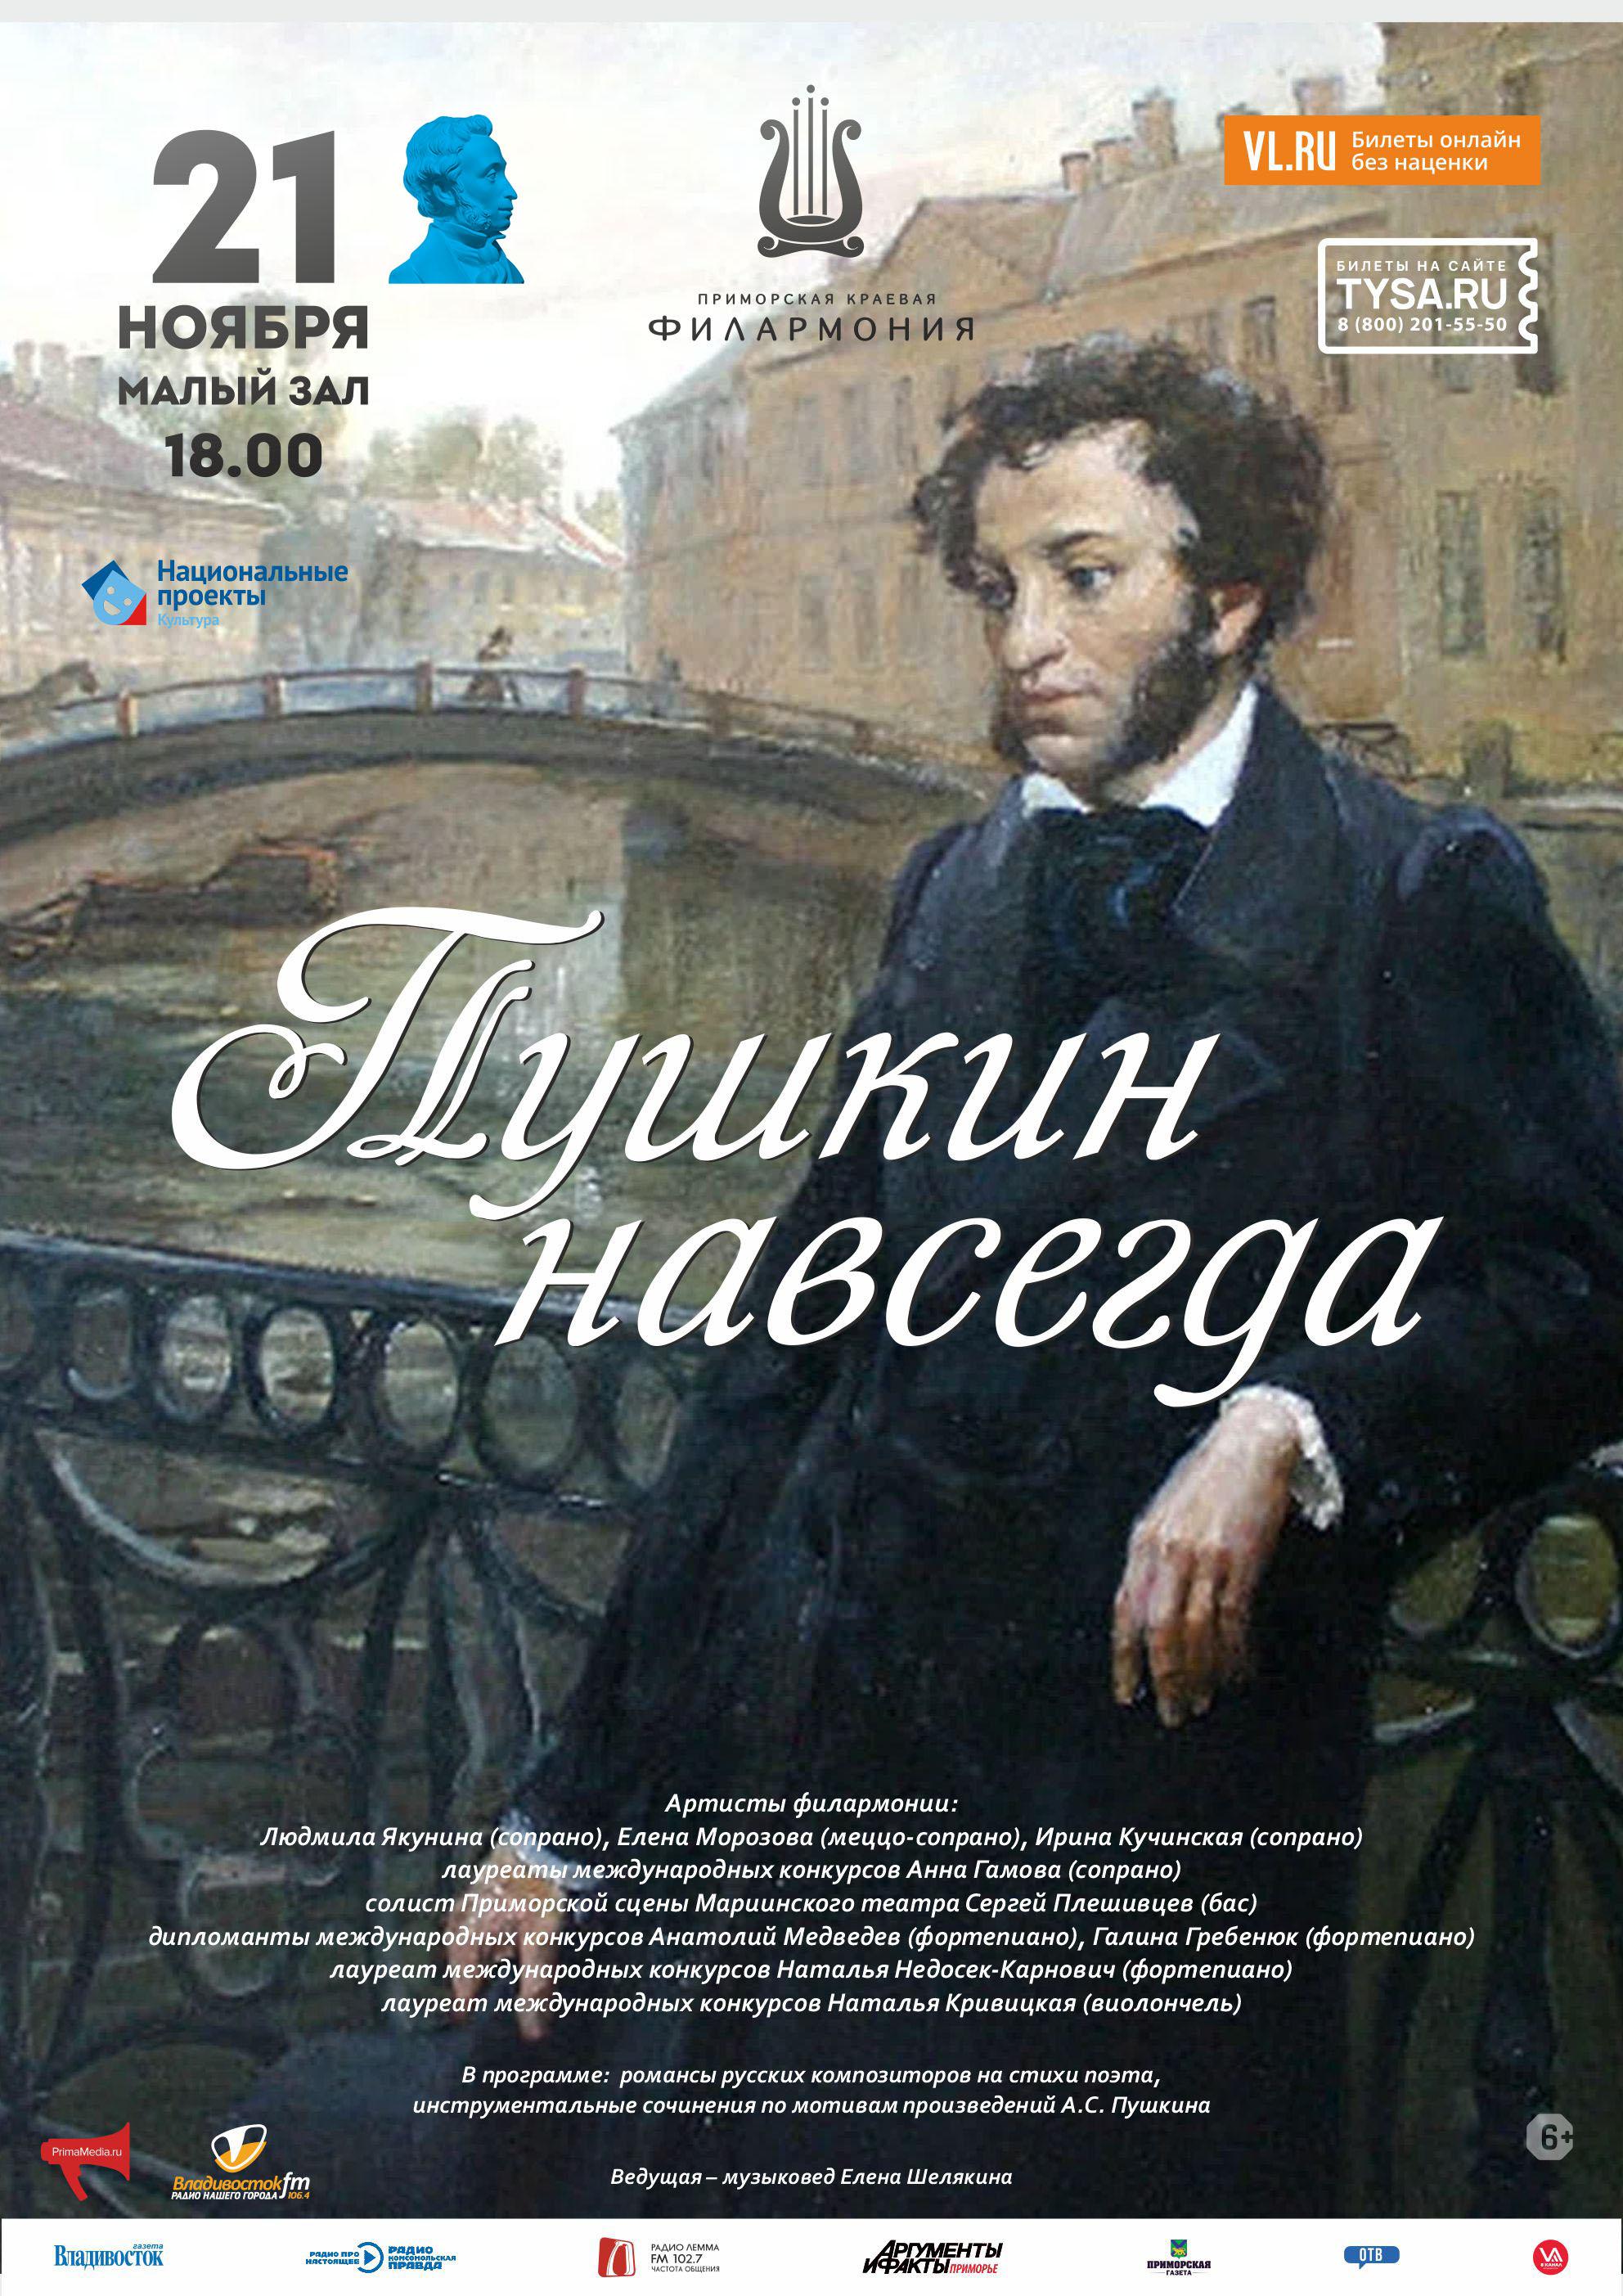 21 ноябряКонцертная программа «Пушкин навсегда»